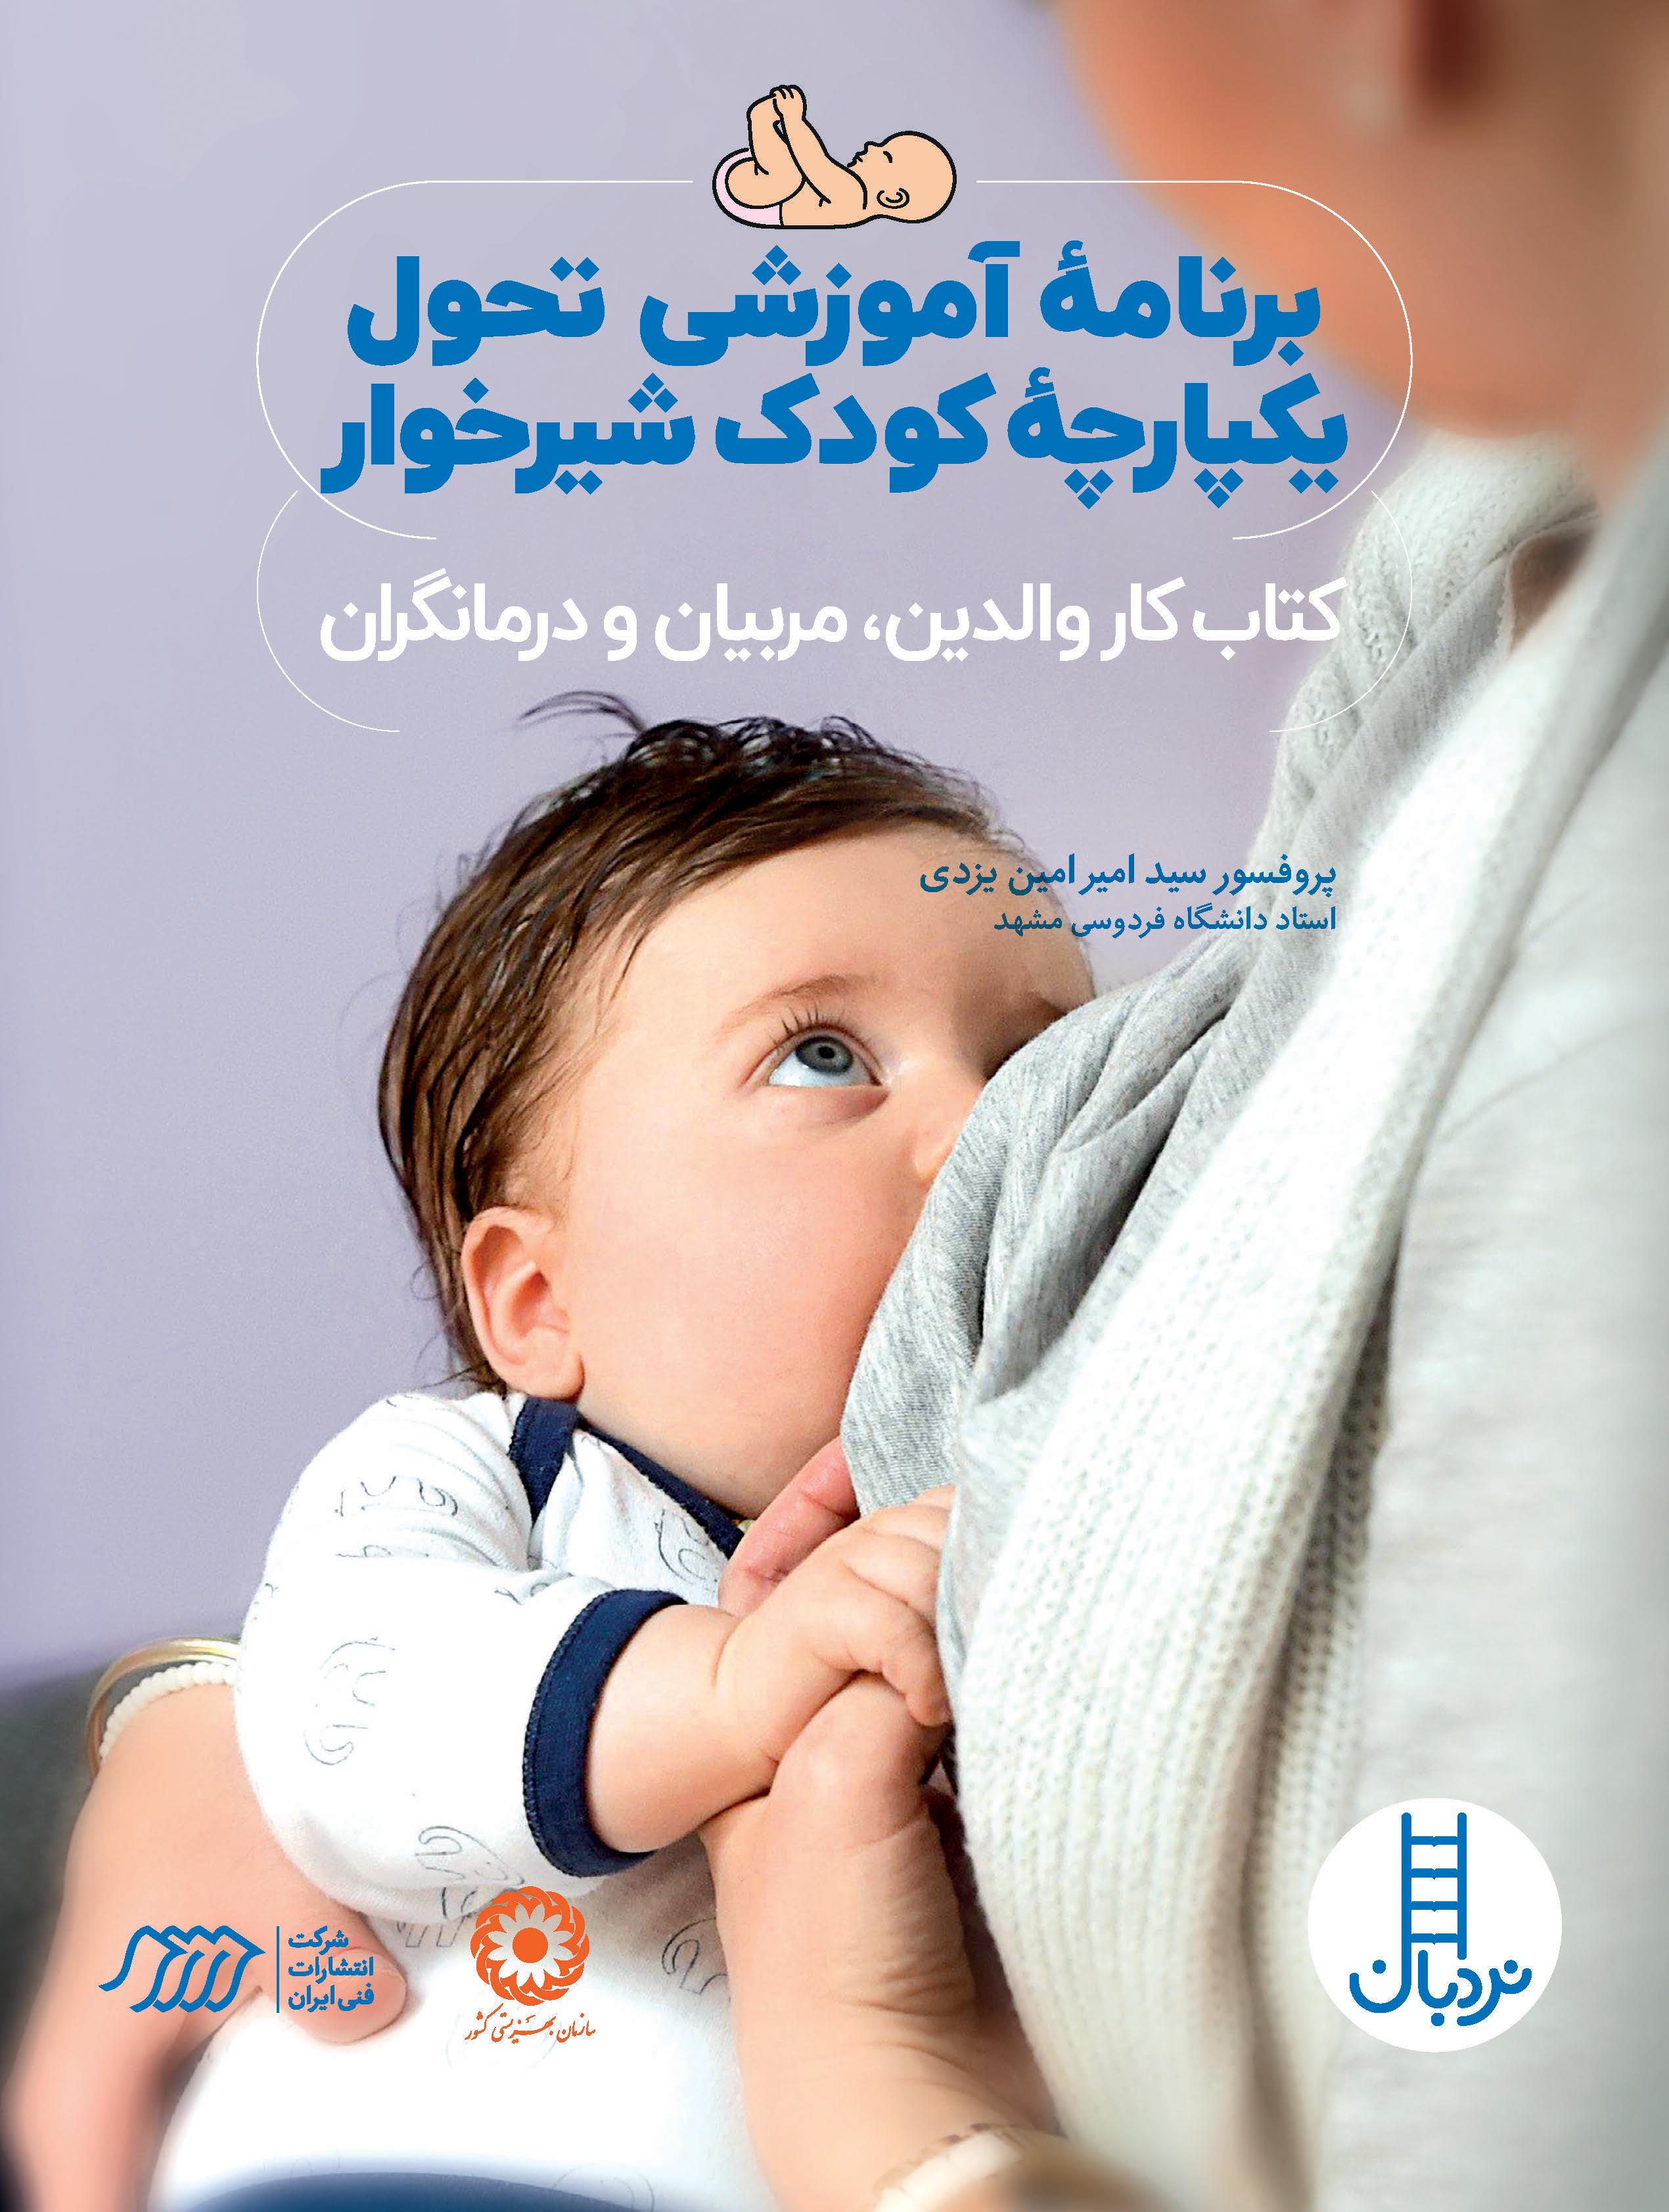 برنامه آموزشی تحول یکپارچهی کودک شیرخوار...